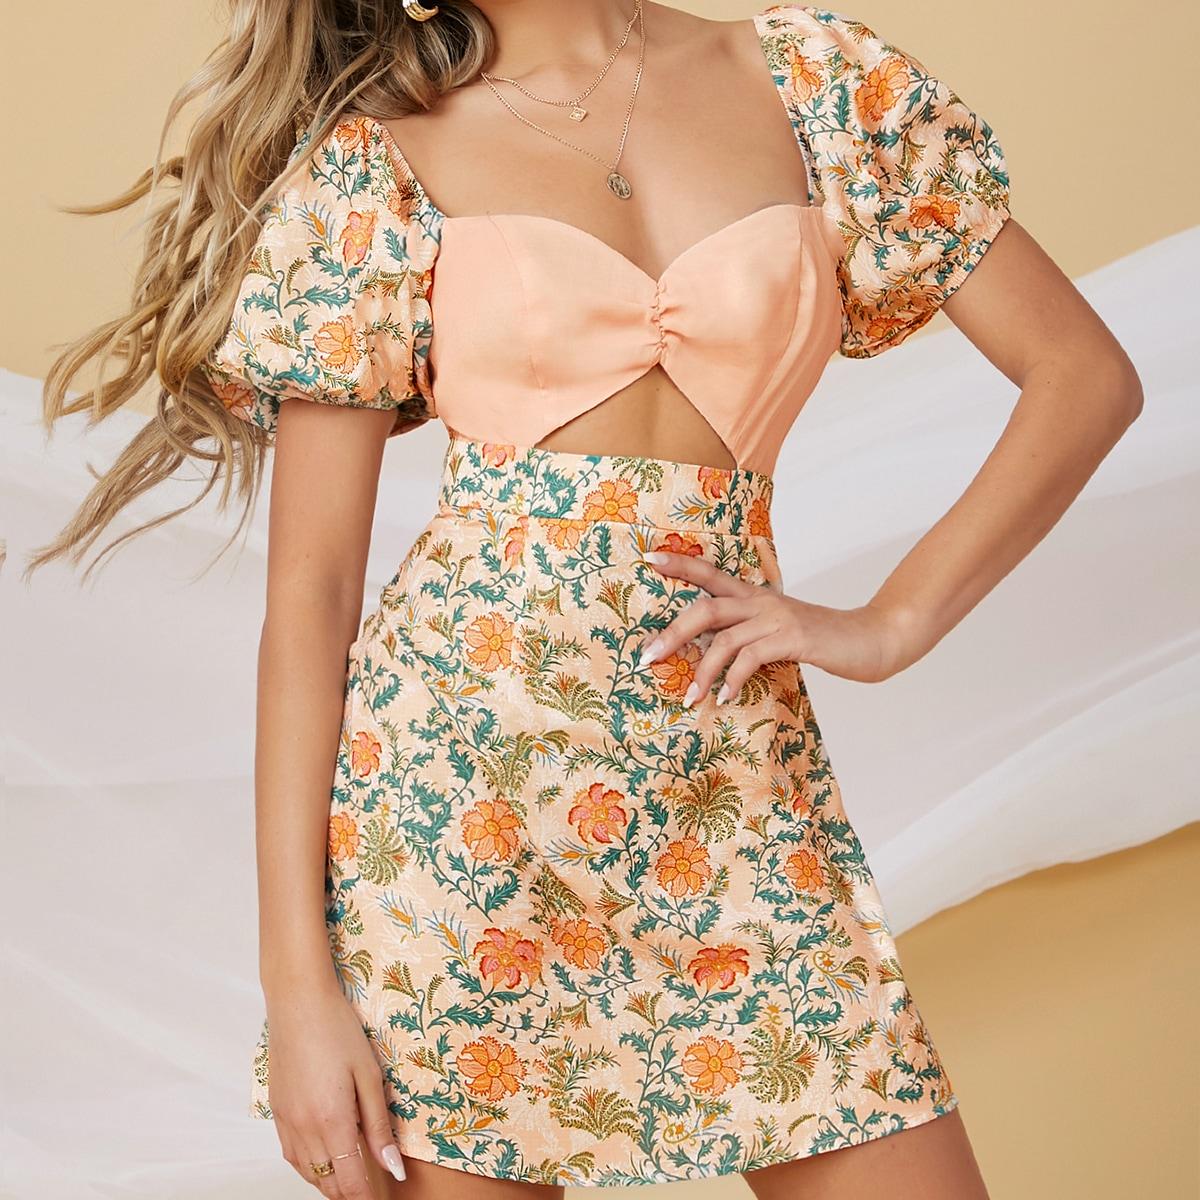 Платье с цветочным принтом, пышным рукавом и воротником-сердечком